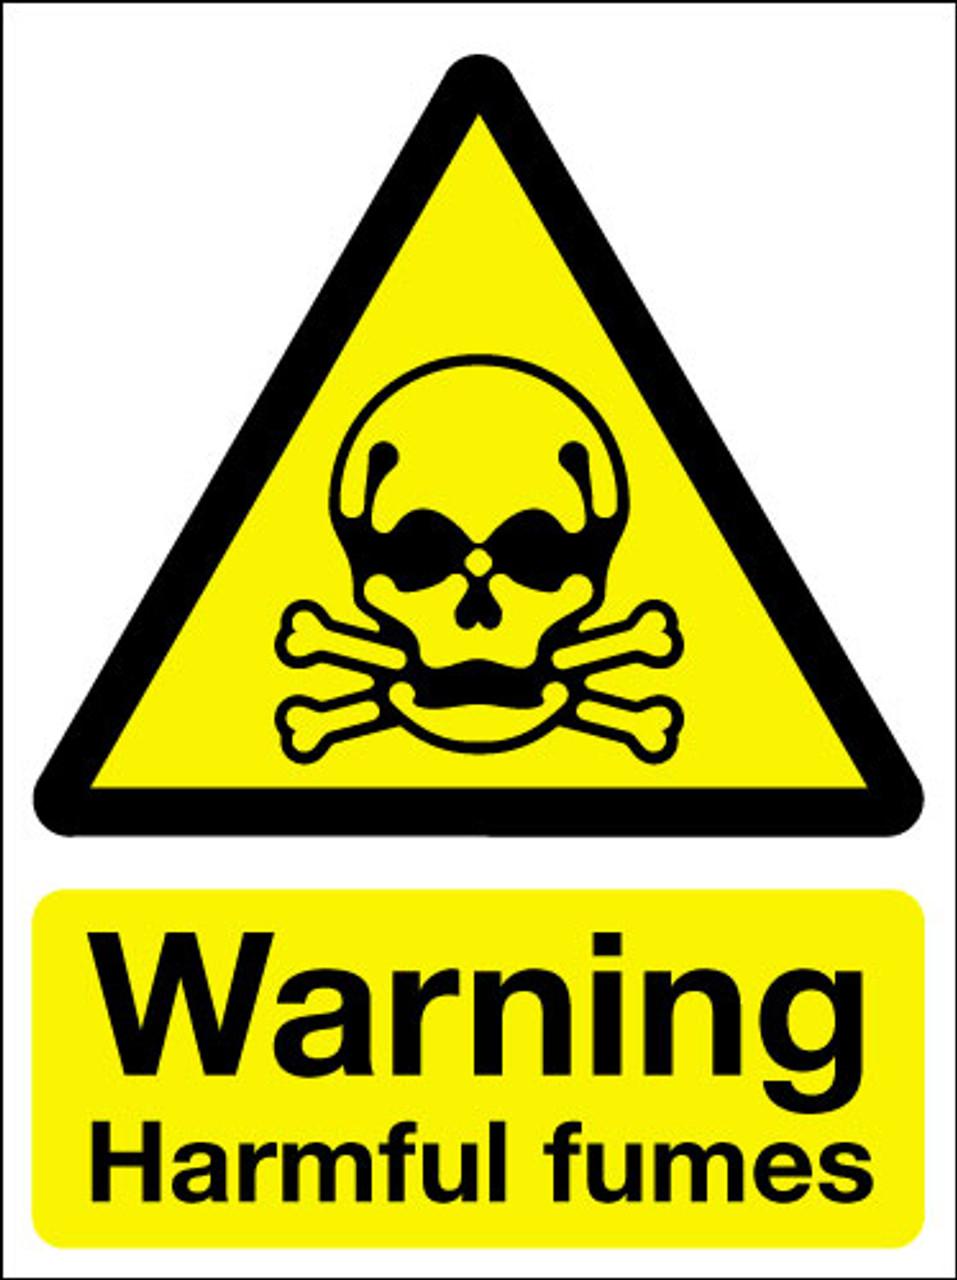 Warning harmful fumes sign